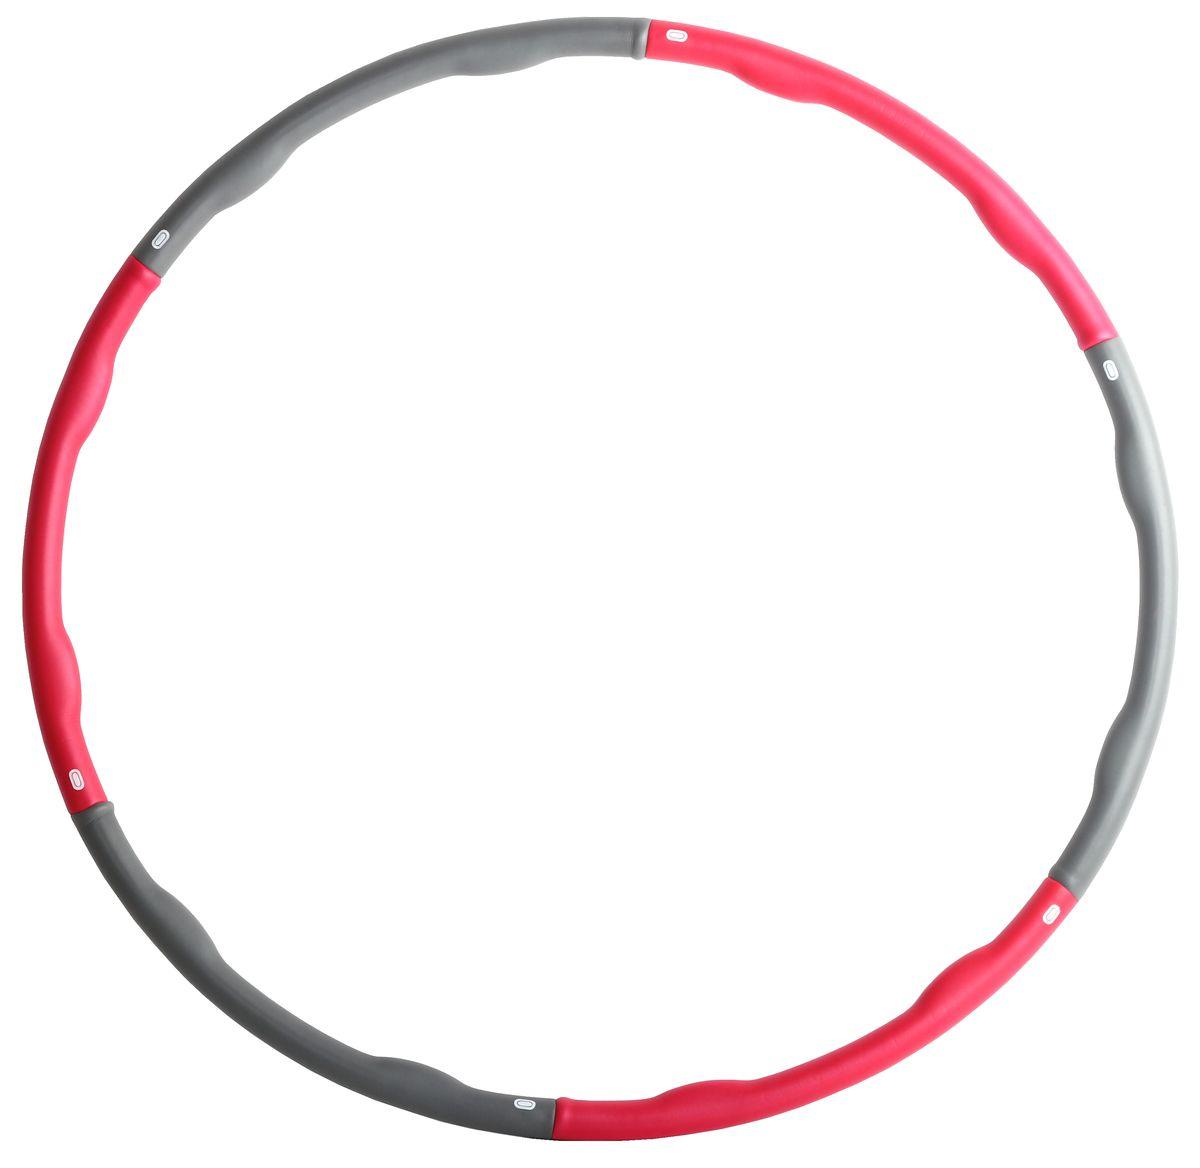 Обруч массажный Alonsa HP-81301, цвет: серый, фуксия мяч массажный alonsa цвет серебристый 20 см